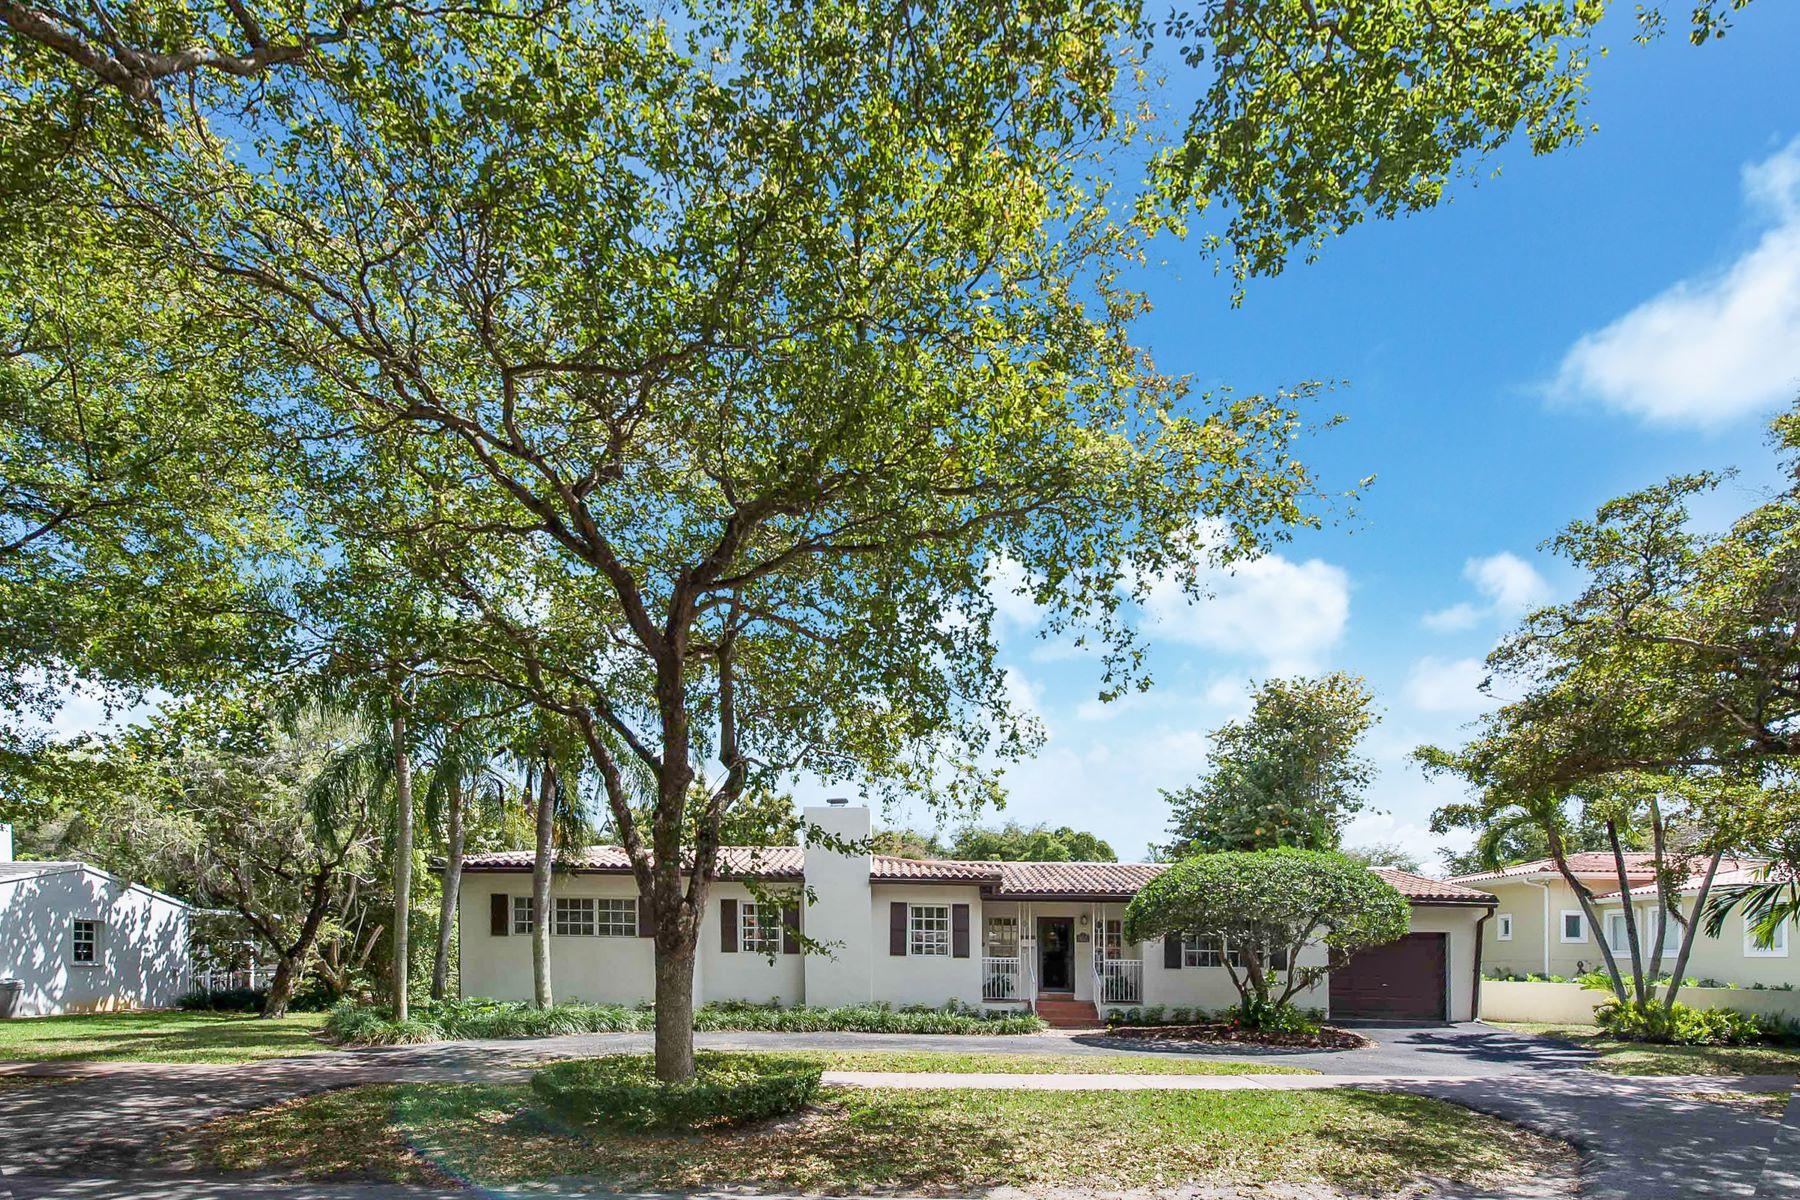 独户住宅 为 销售 在 1524 Zoreta Ave 科勒尔盖布尔斯, 佛罗里达州, 33146 美国